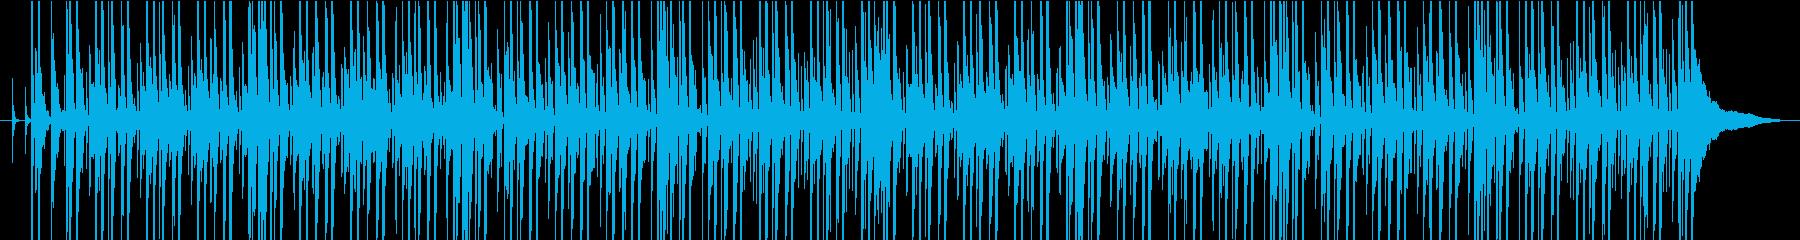 チュートリアルに使える軽快なBGMの再生済みの波形